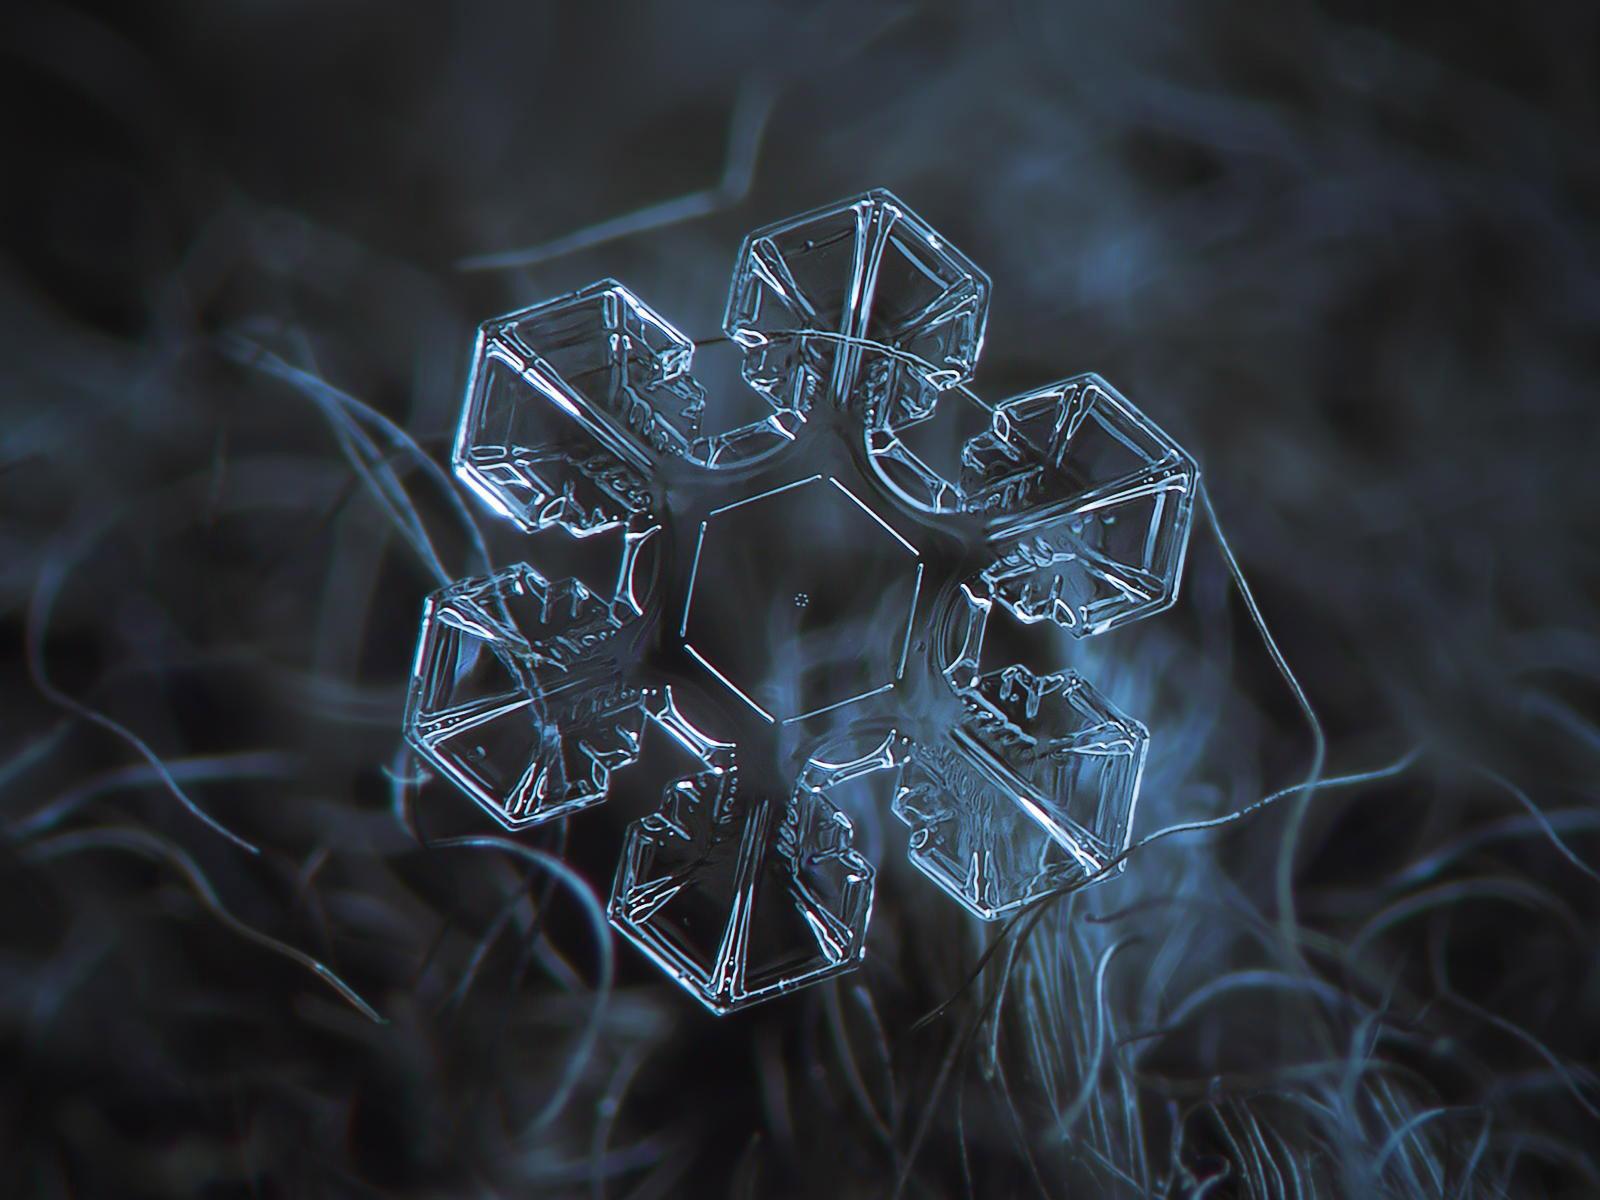 magnified-snowflakes-alexey-kljatov-1